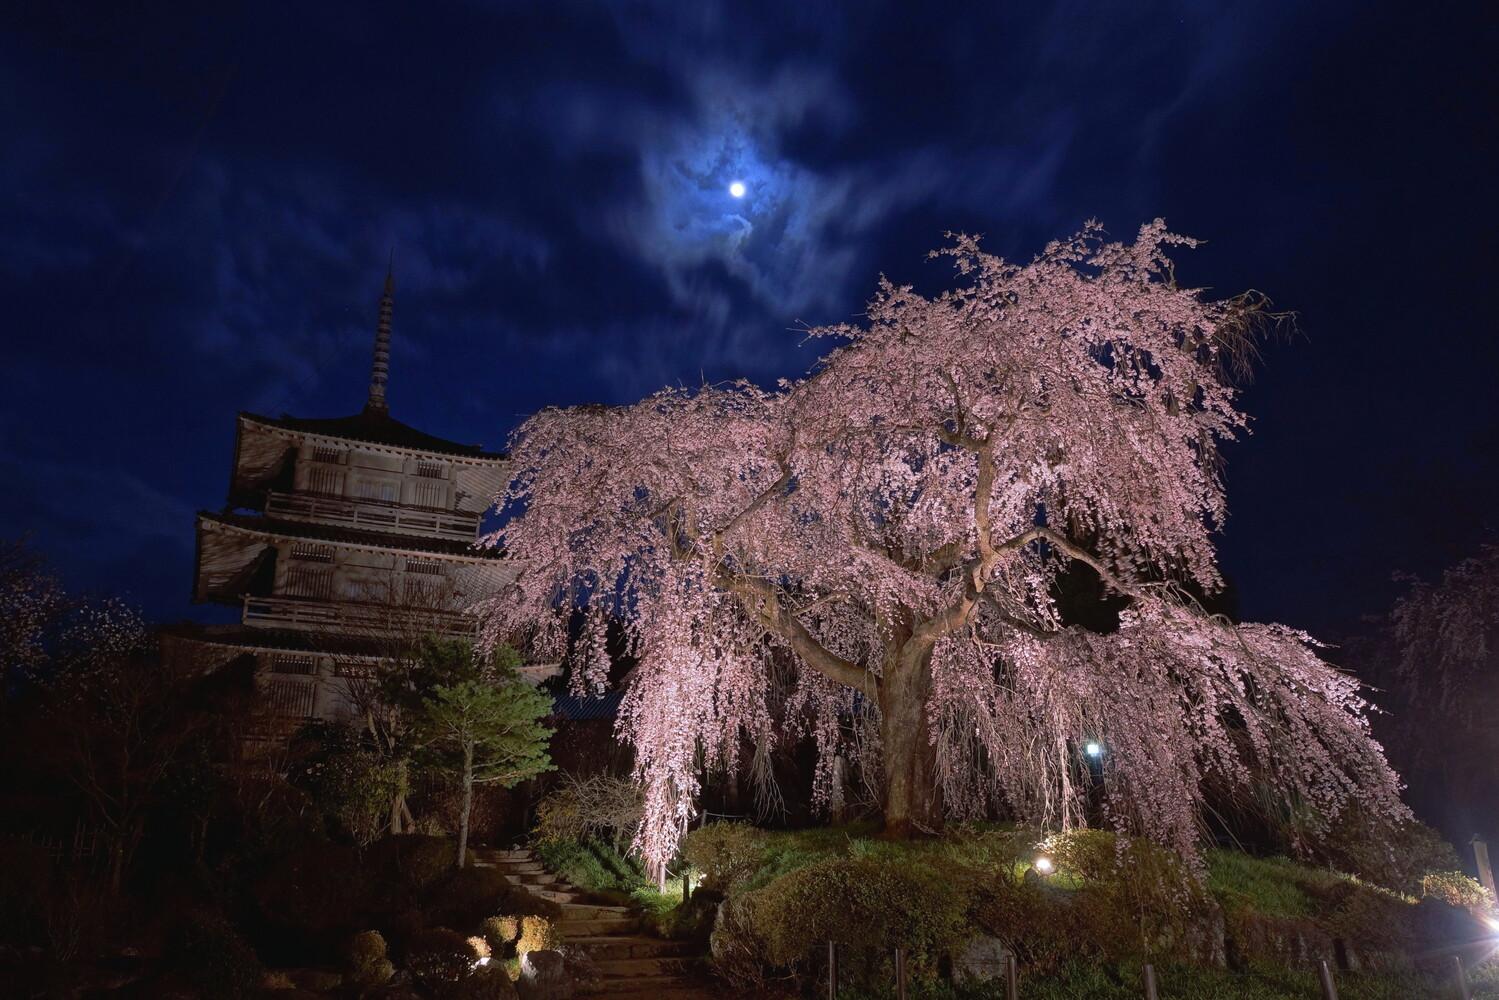 浄専寺 しだれ桜 五ヶ瀬町 宮崎 絶景 スポット 九州 旅行 観光 自然 おすすめ